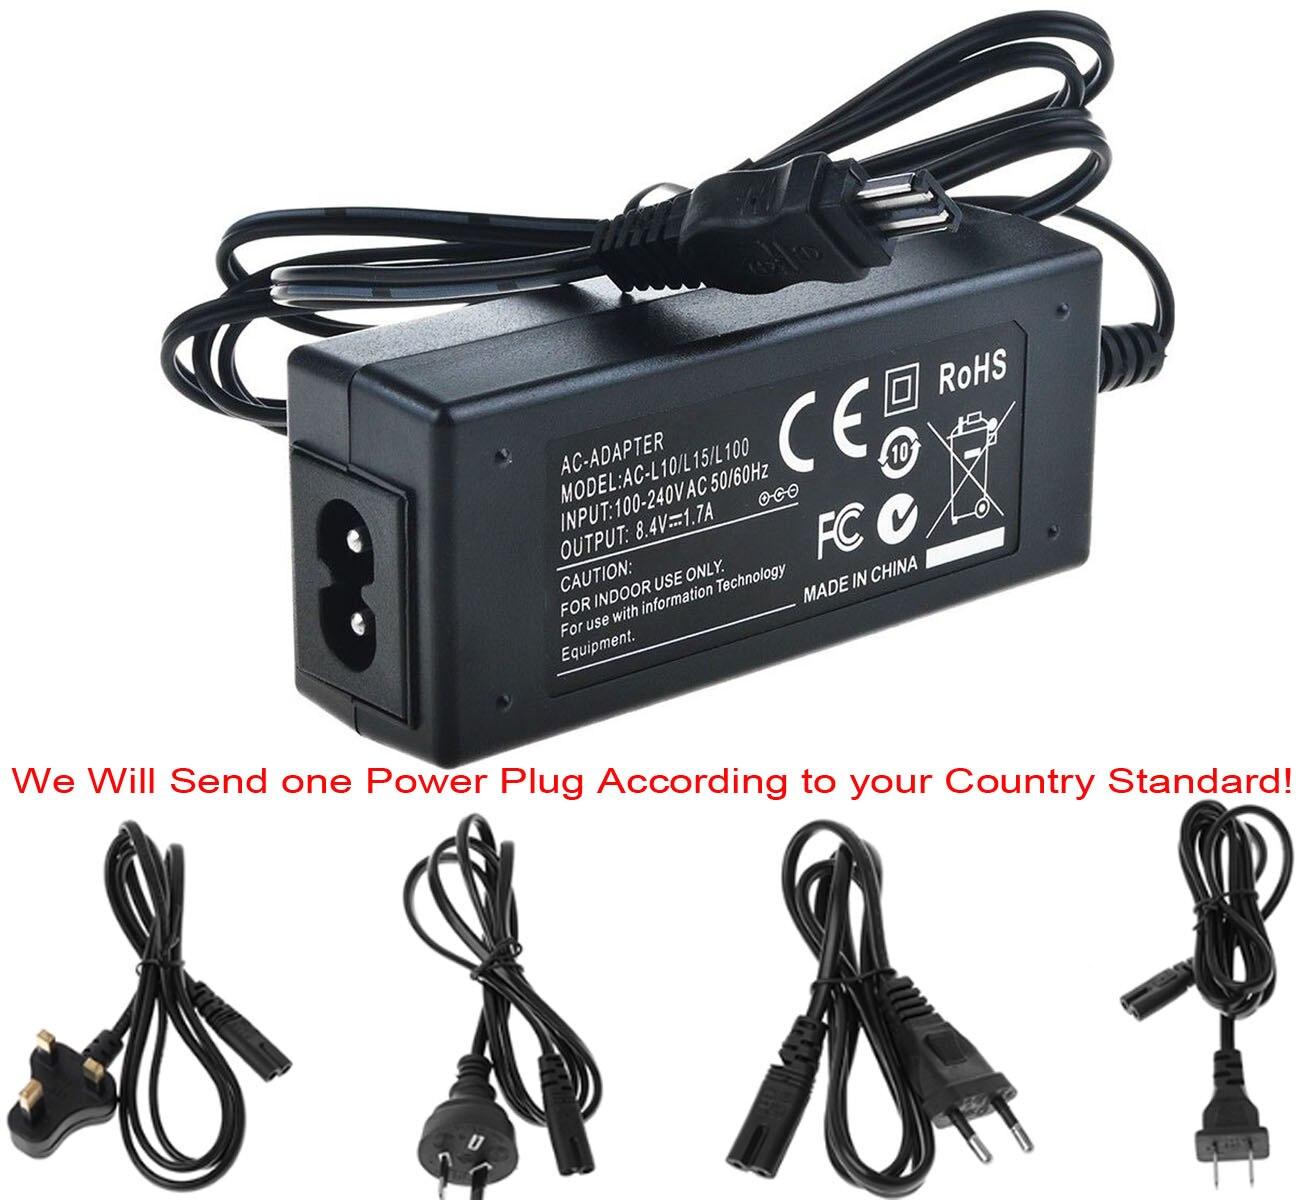 Cargador de adaptador de corriente alterna para Sony DCR-TRV310E, DCR-TRV410E, DCR-TRV420E, DCR-TRV430E, DCR-TRV460E, DCR-TRV480E videocámara Handycam